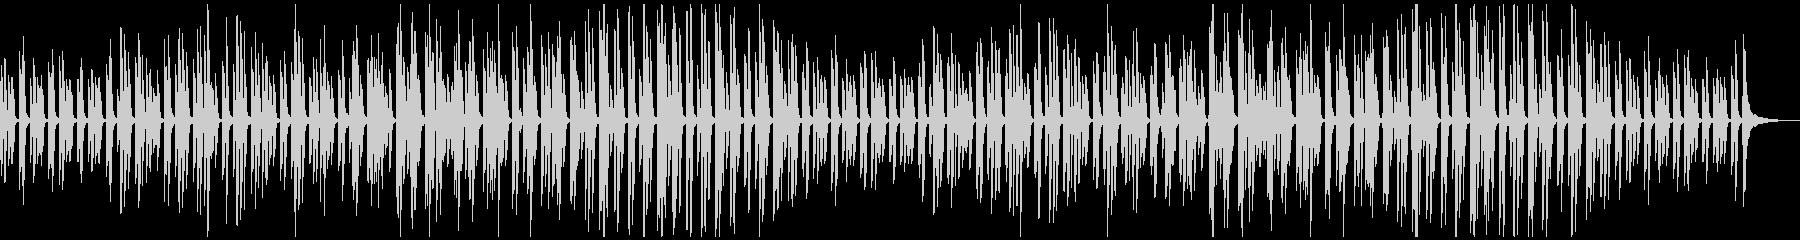 可愛くほんわか癒される日常のBGMの未再生の波形